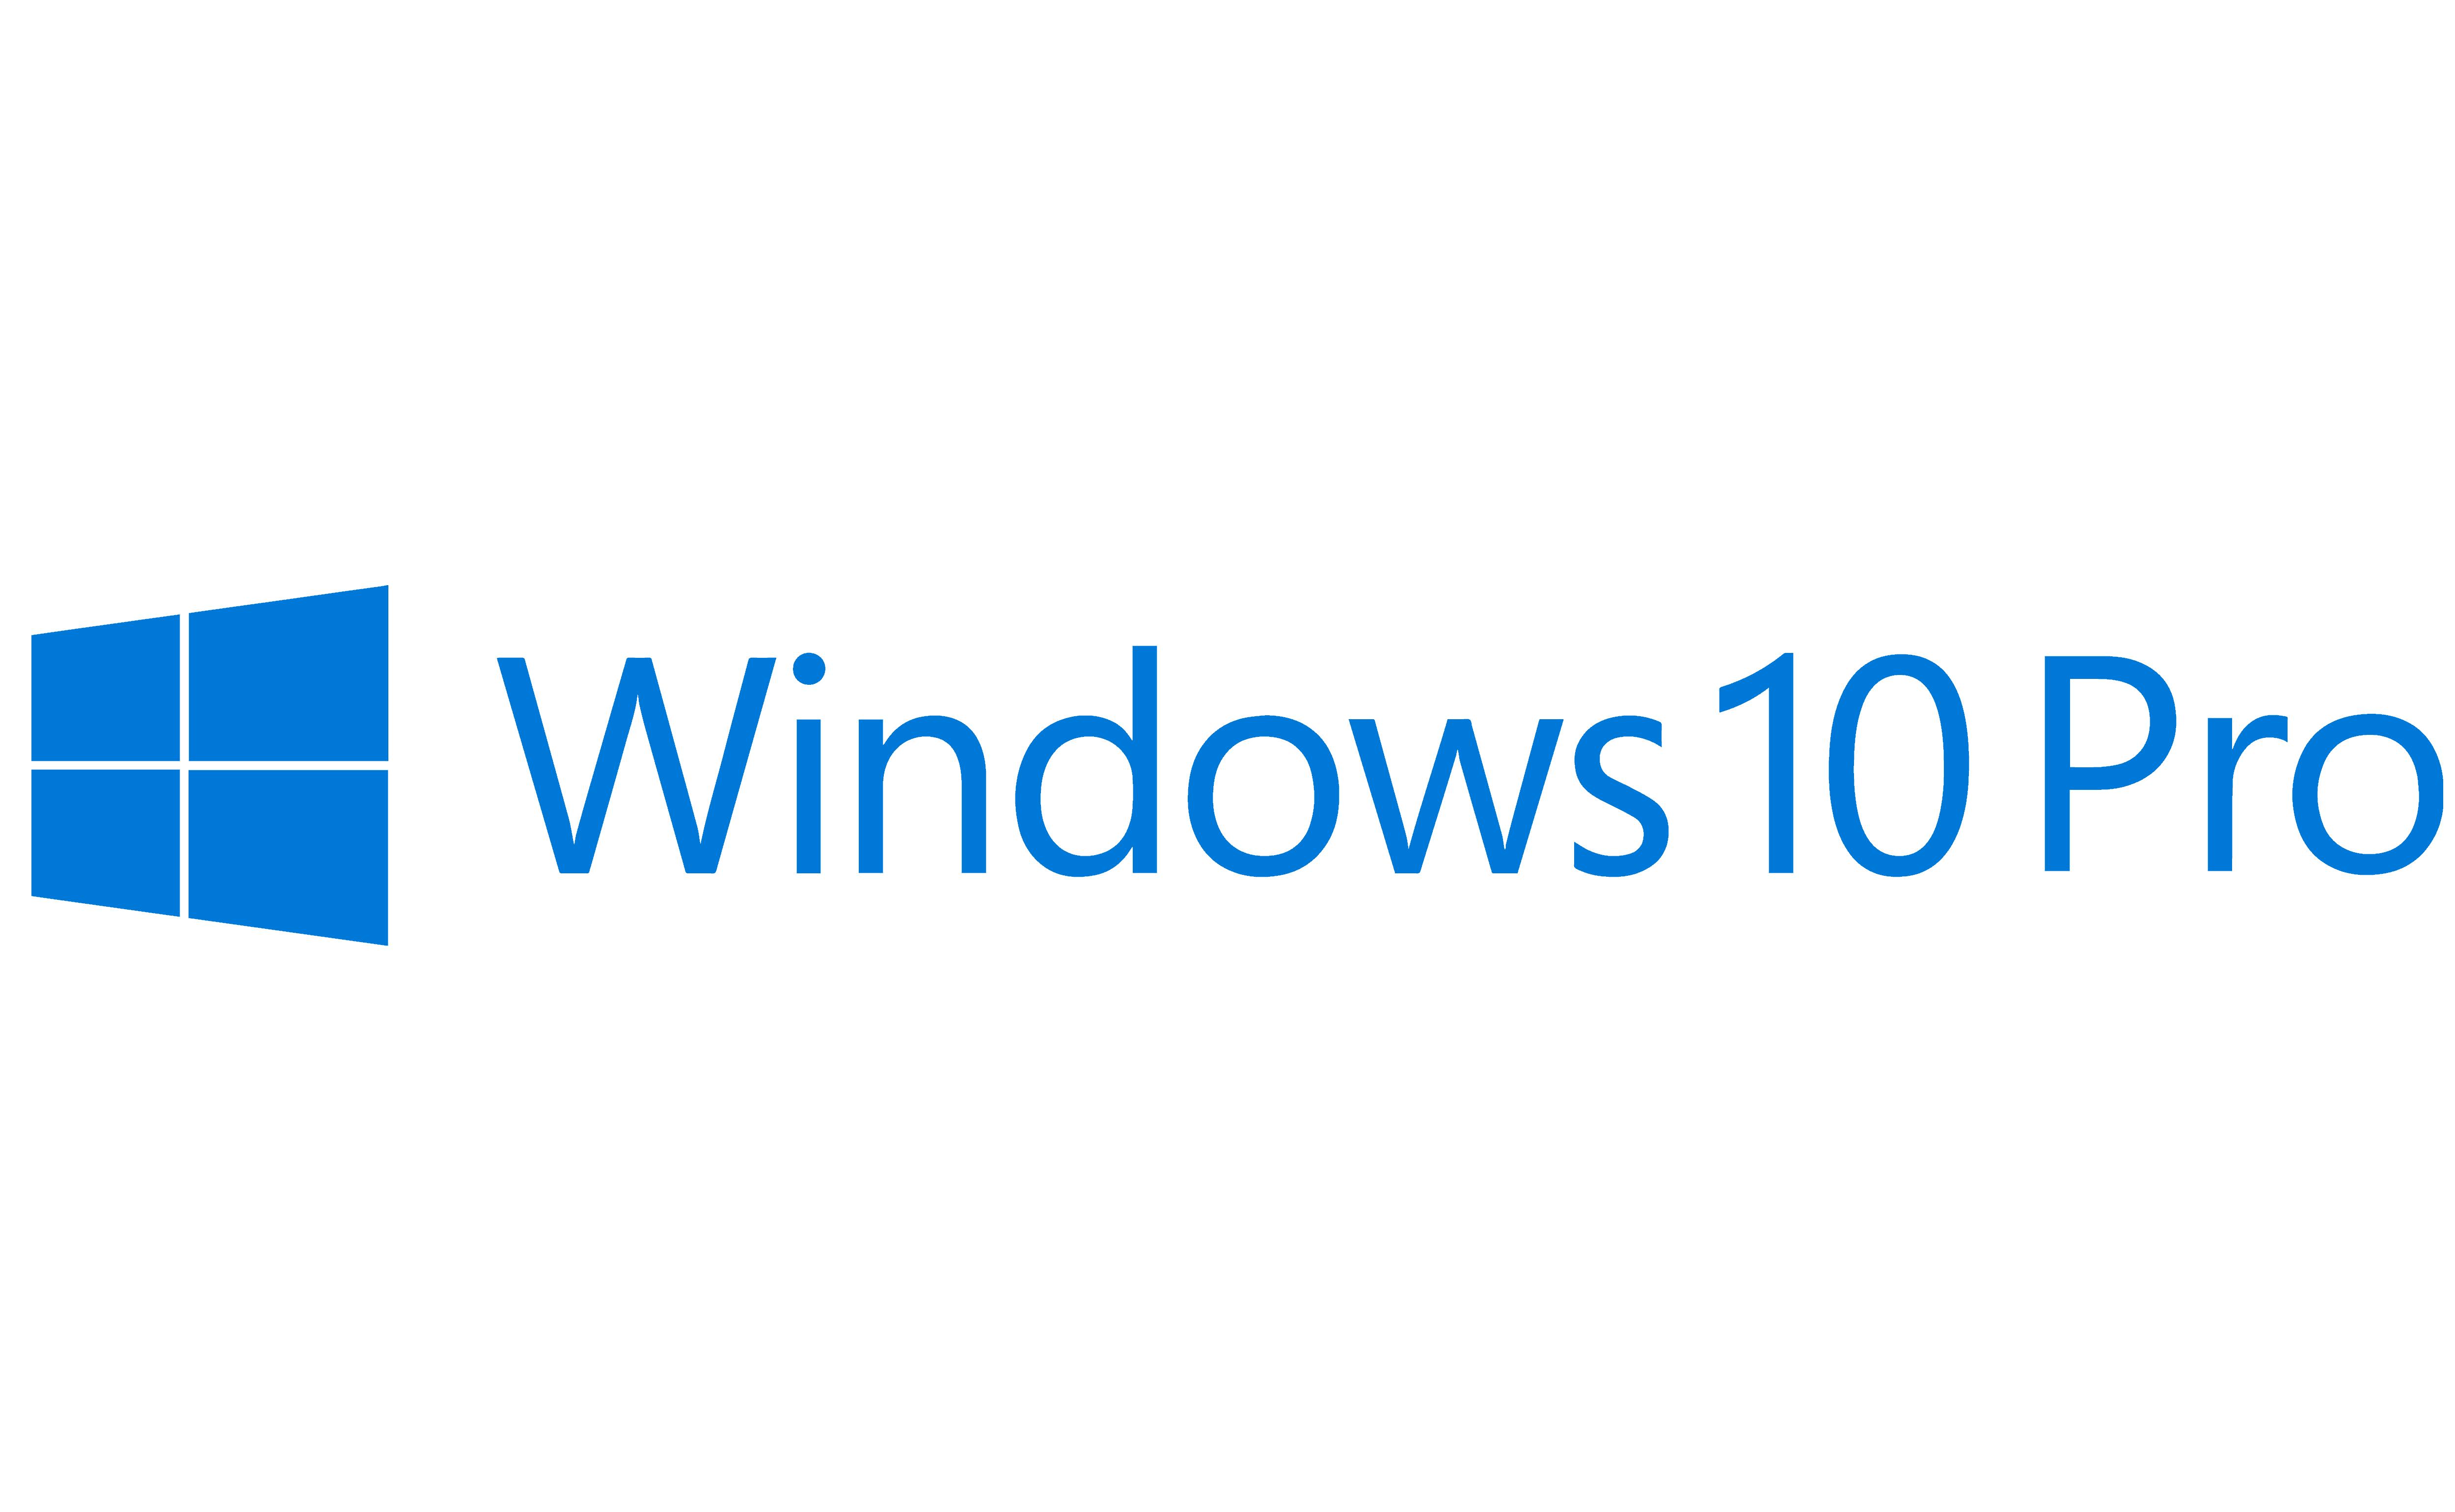 Windows 10 : Peut-on convertir gratuitement une édition Entreprise en édition Pro ?